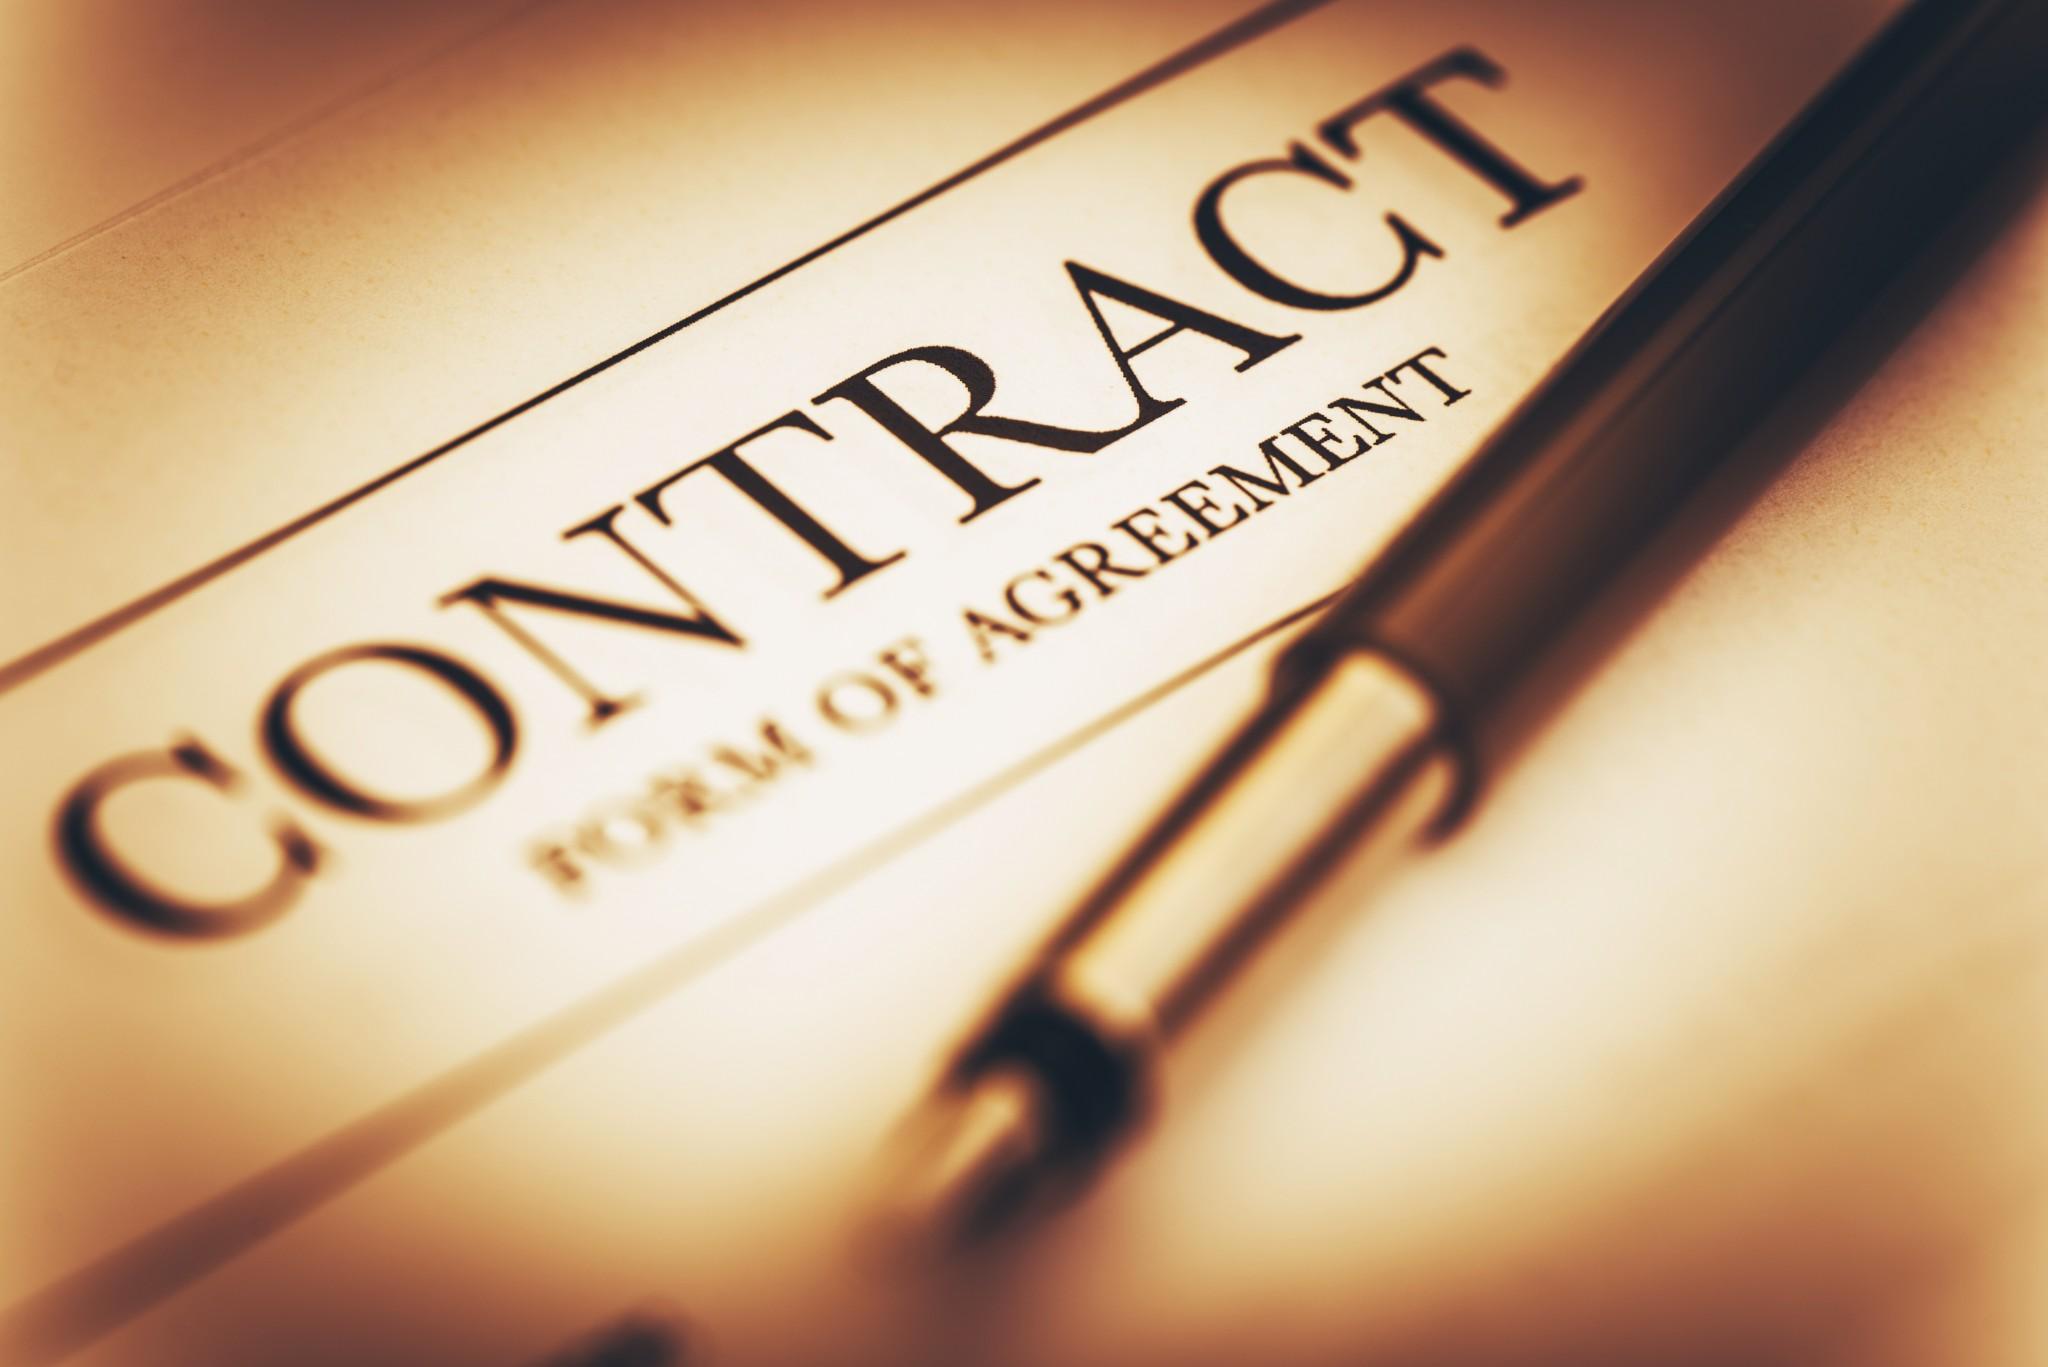 Tư vấn, soạn thảo hợp đồng hợp tác kinh doanh với nhà đầu tư nước ngoài